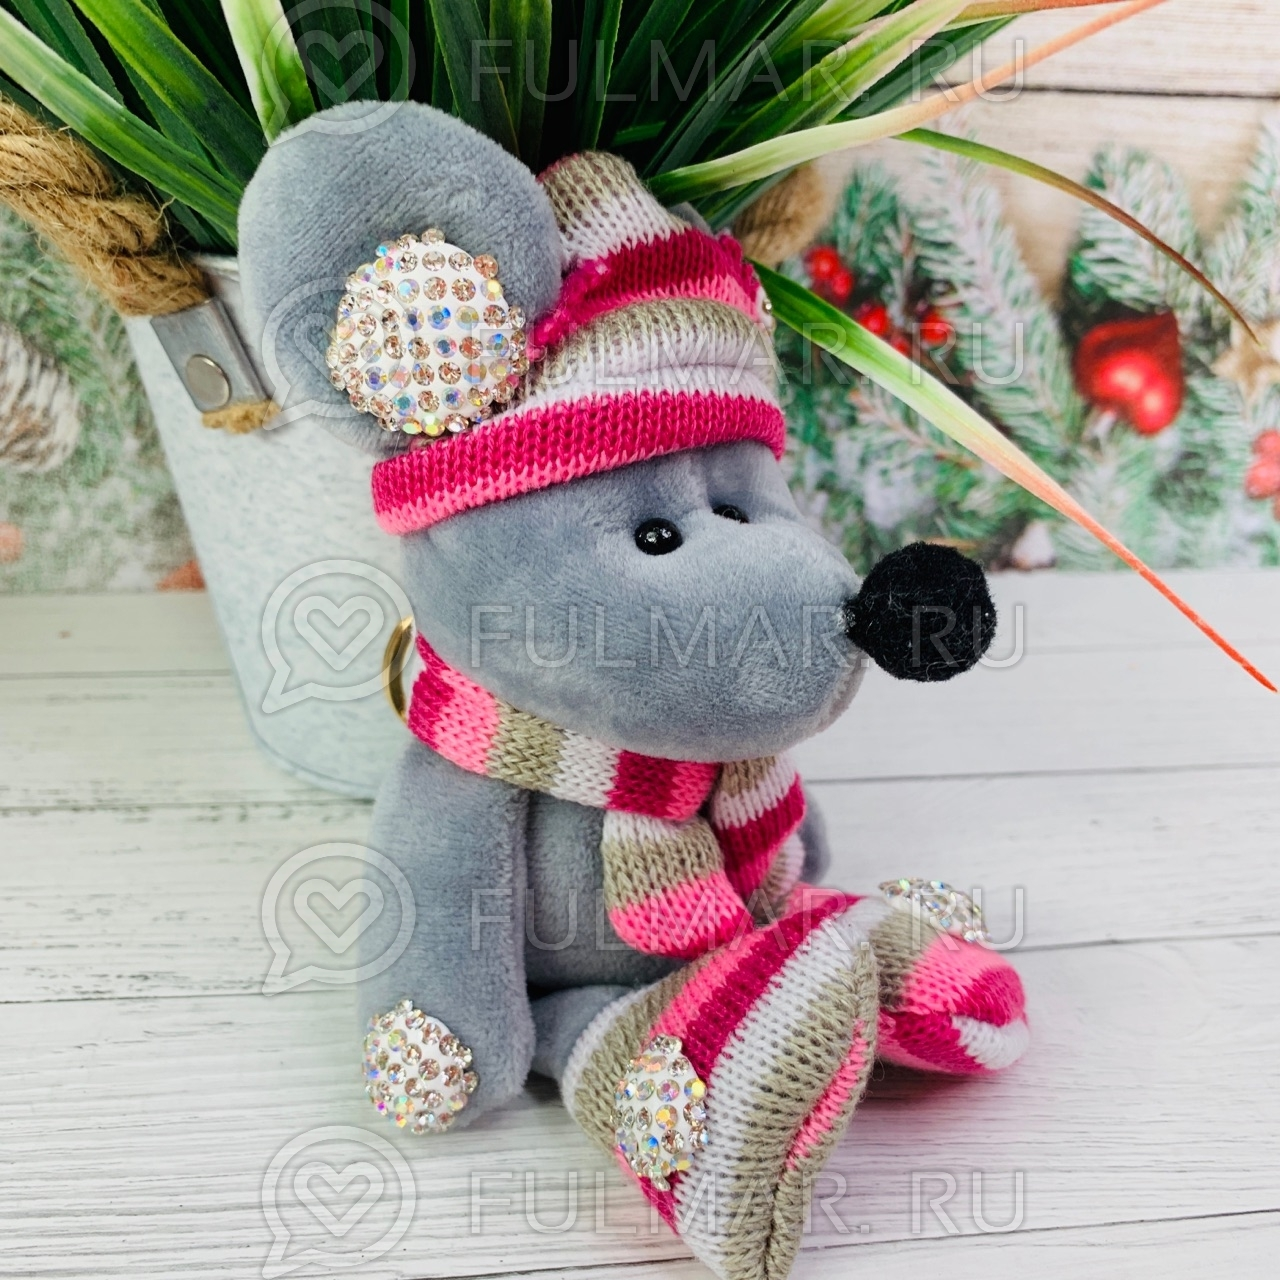 Брелок со стразами Крыска в вязаном костюмчике цвет: серый-розовый